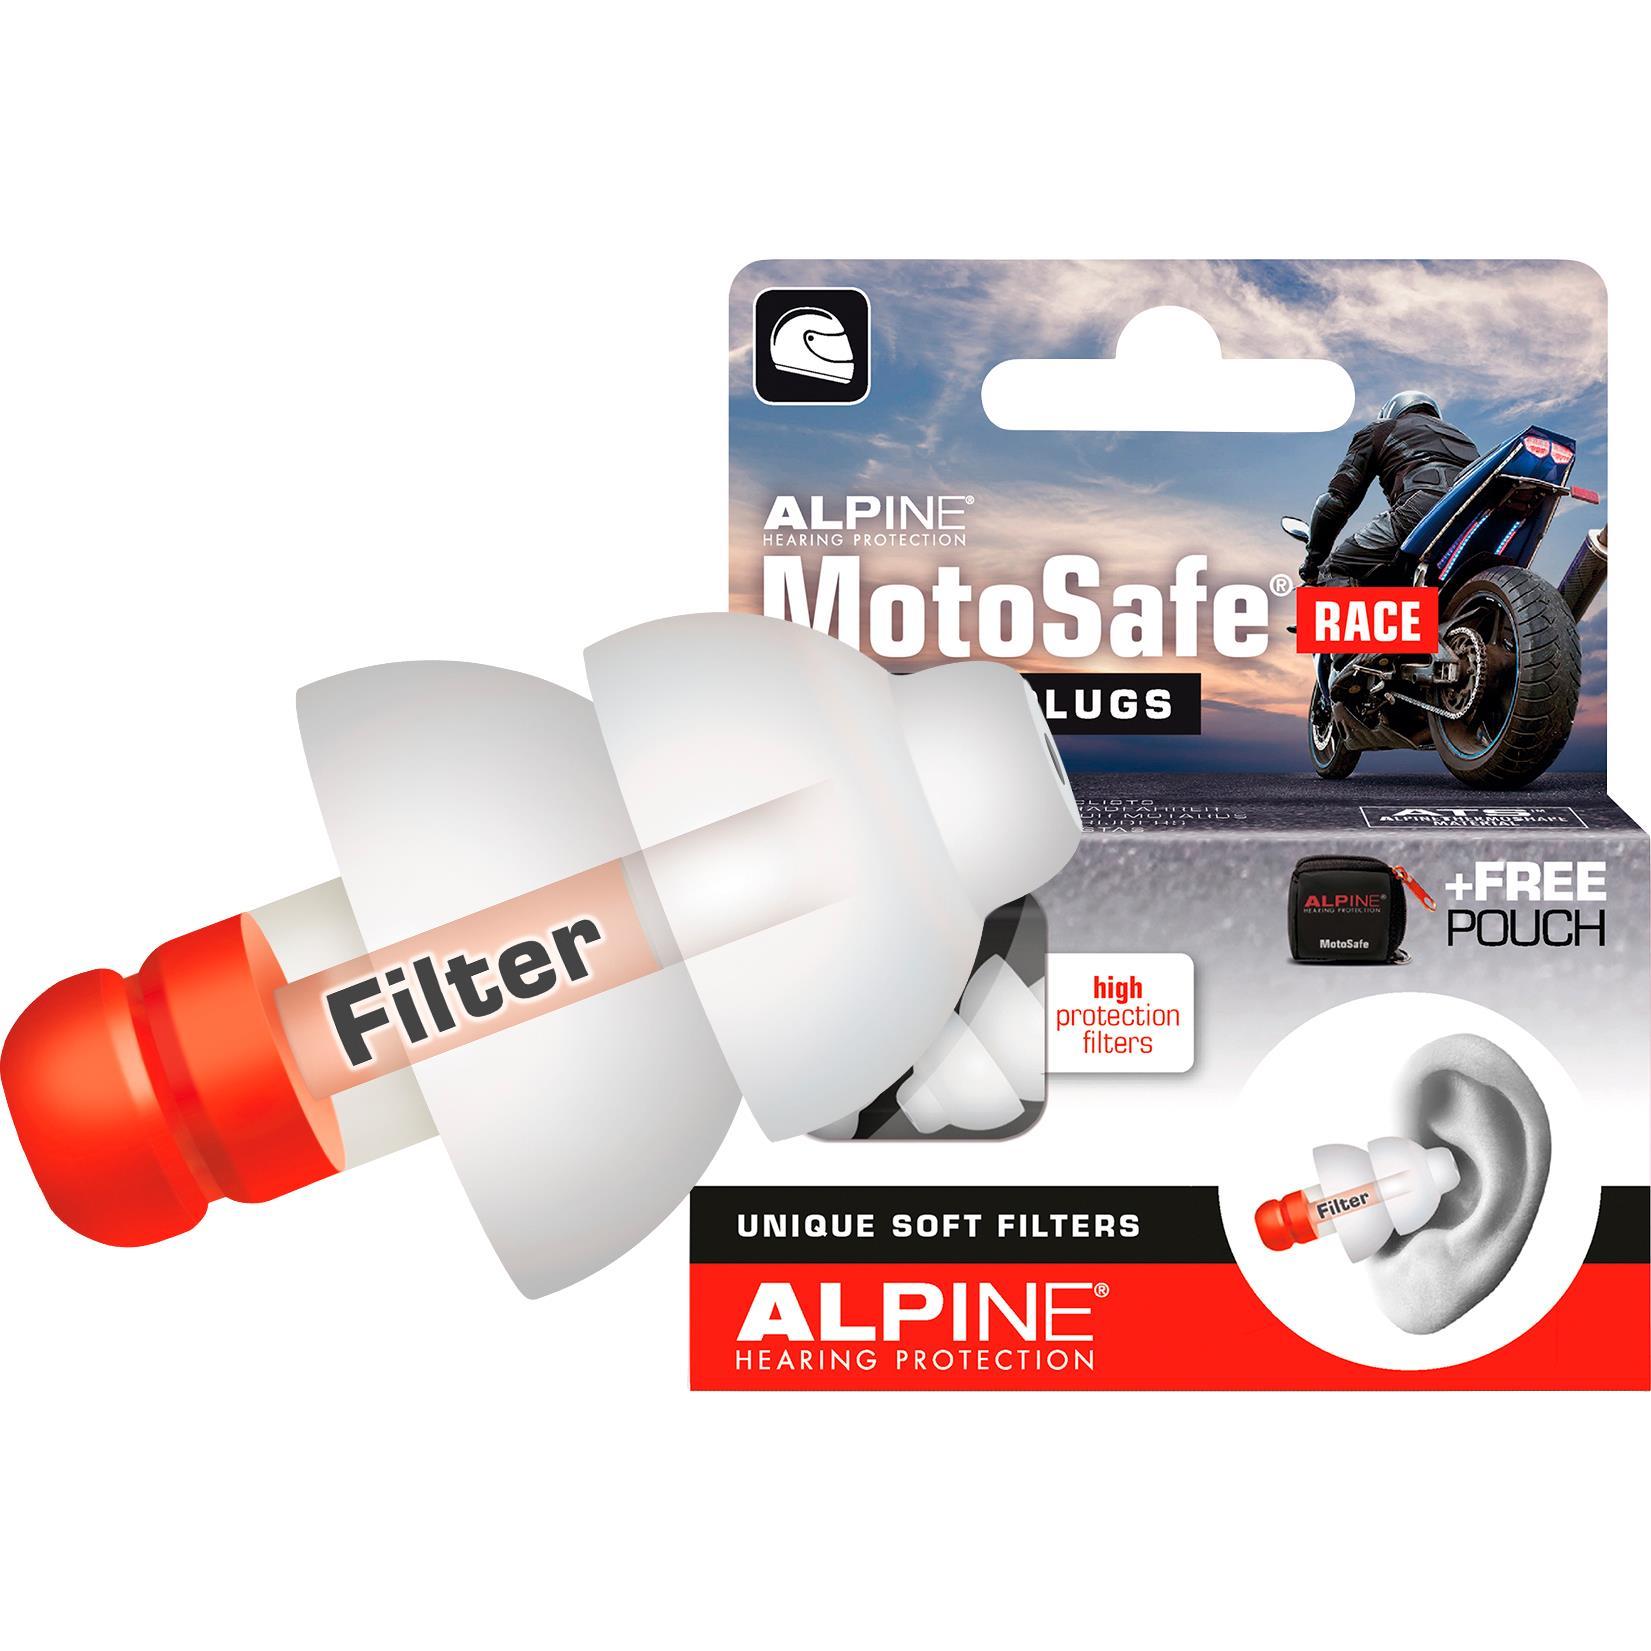 Image of Alpine Motosafe Race